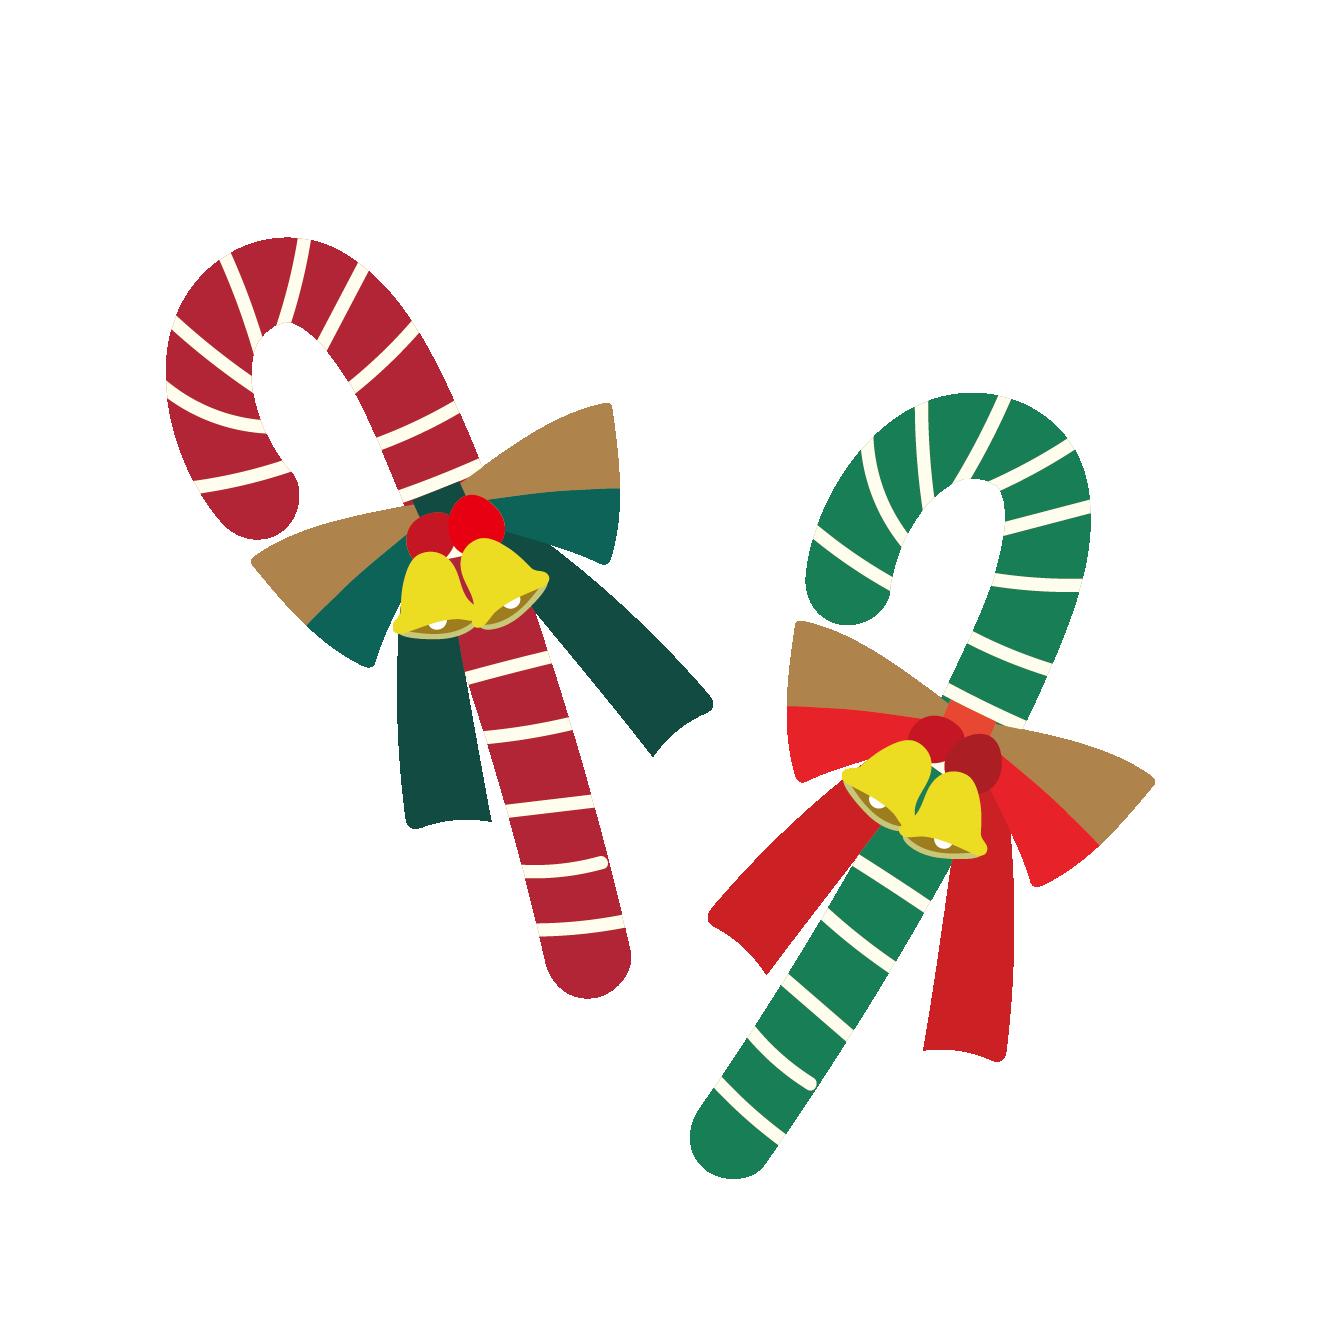 クリスマスキャンディー飴あめの 無料 イラスト 商用フリー無料